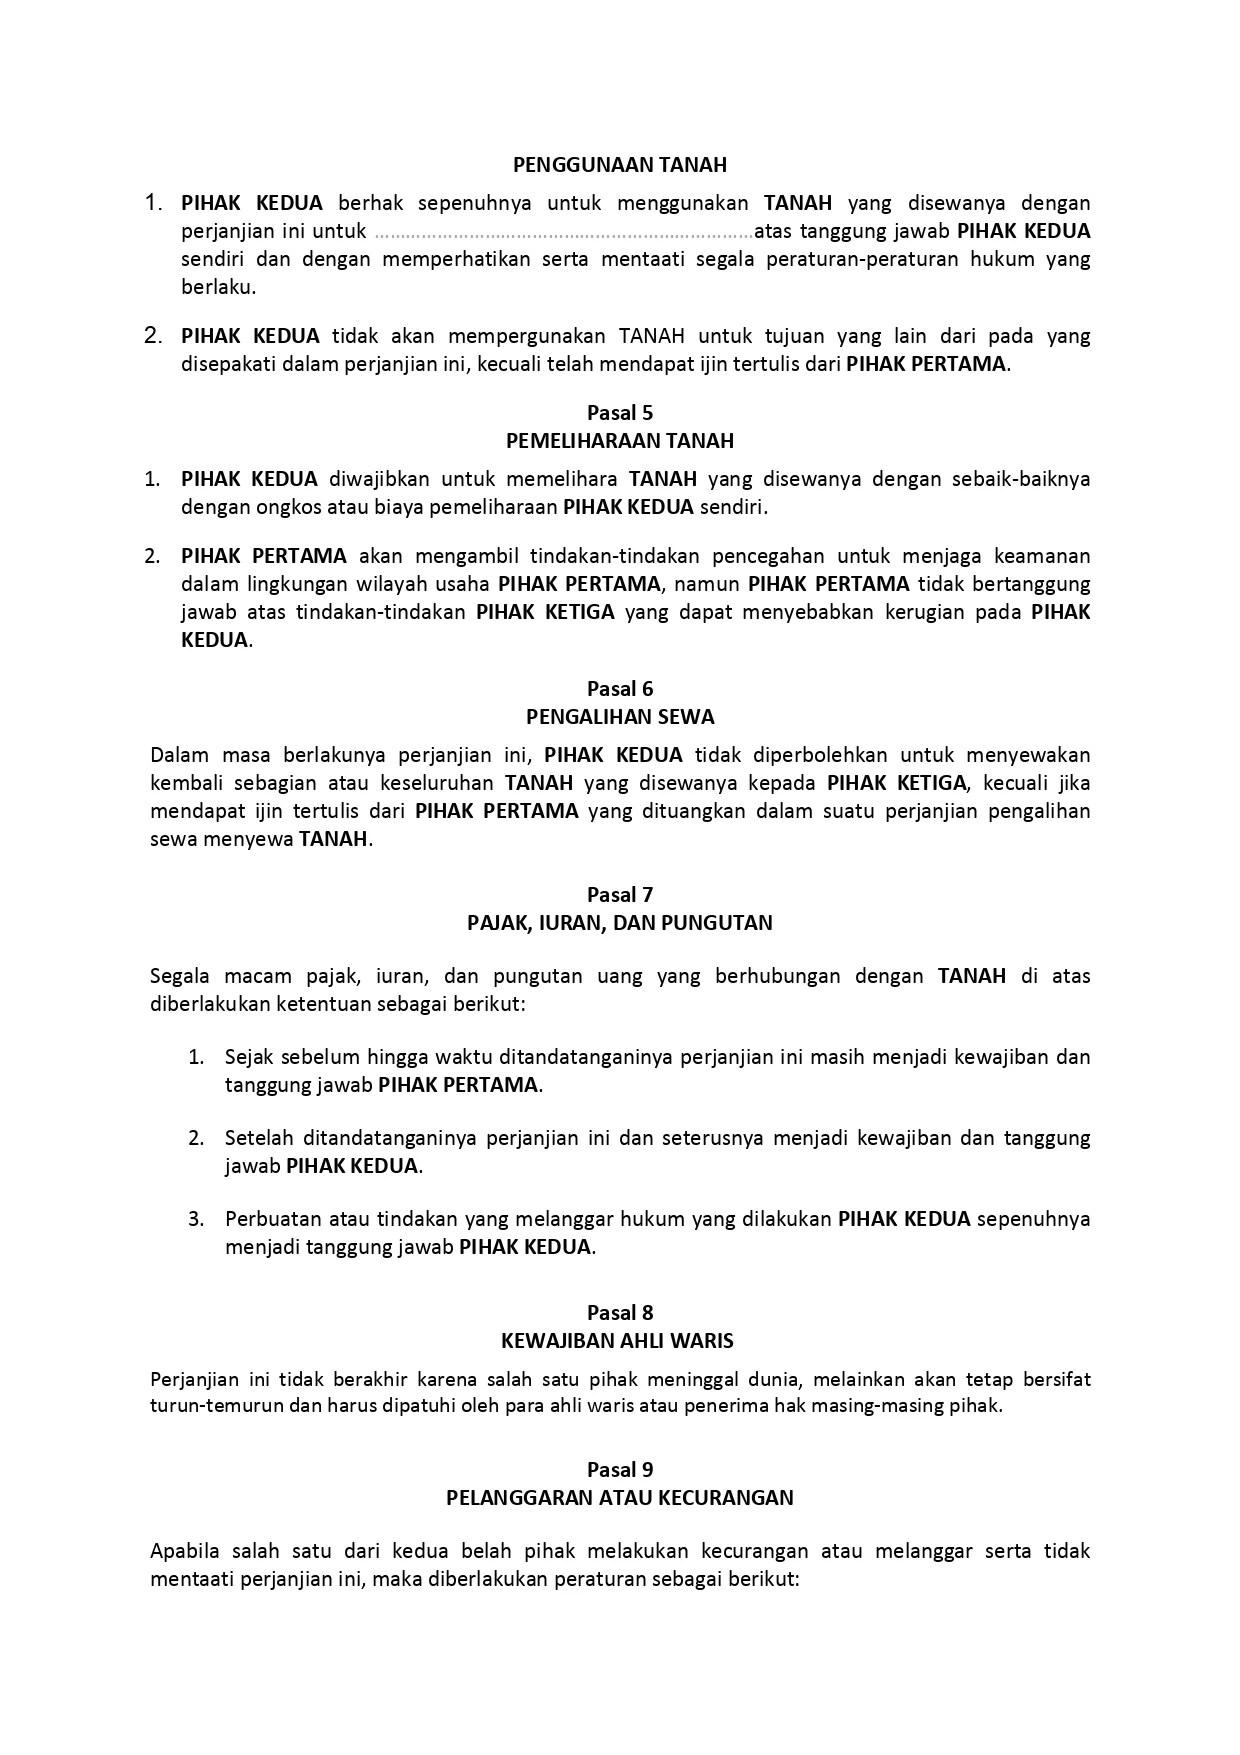 Pengertian dan Contoh Surat Perjanjian Sewa Tanah